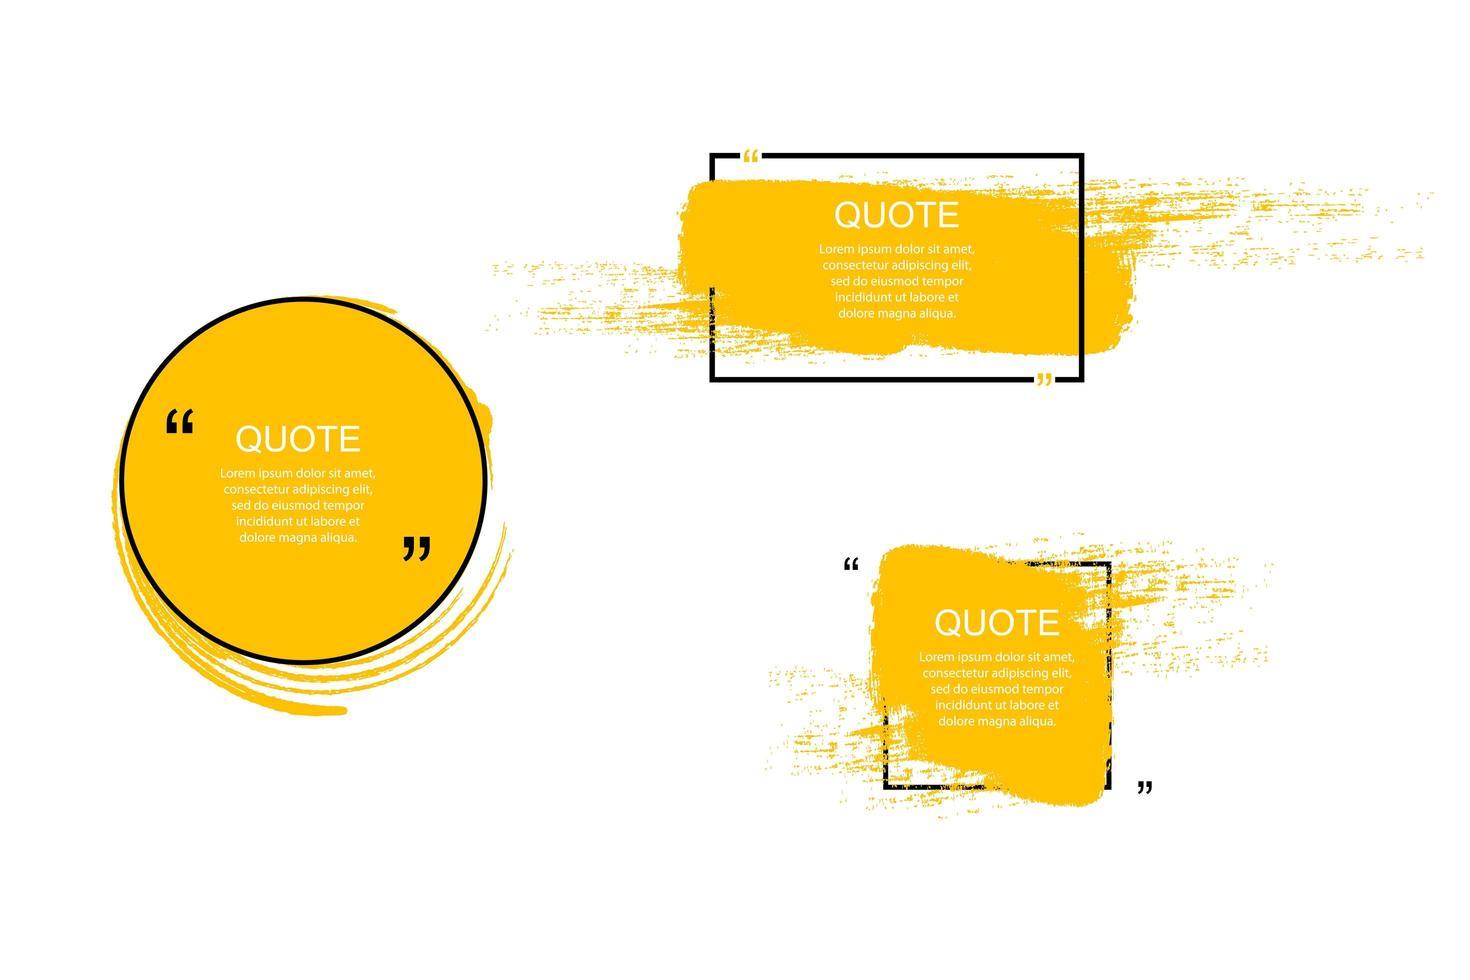 cornice della scatola di citazione, grande set. icona della casella di citazione. caselle di citazione di testo. sfondo vuoto pennello grunge. illustrazione vettoriale